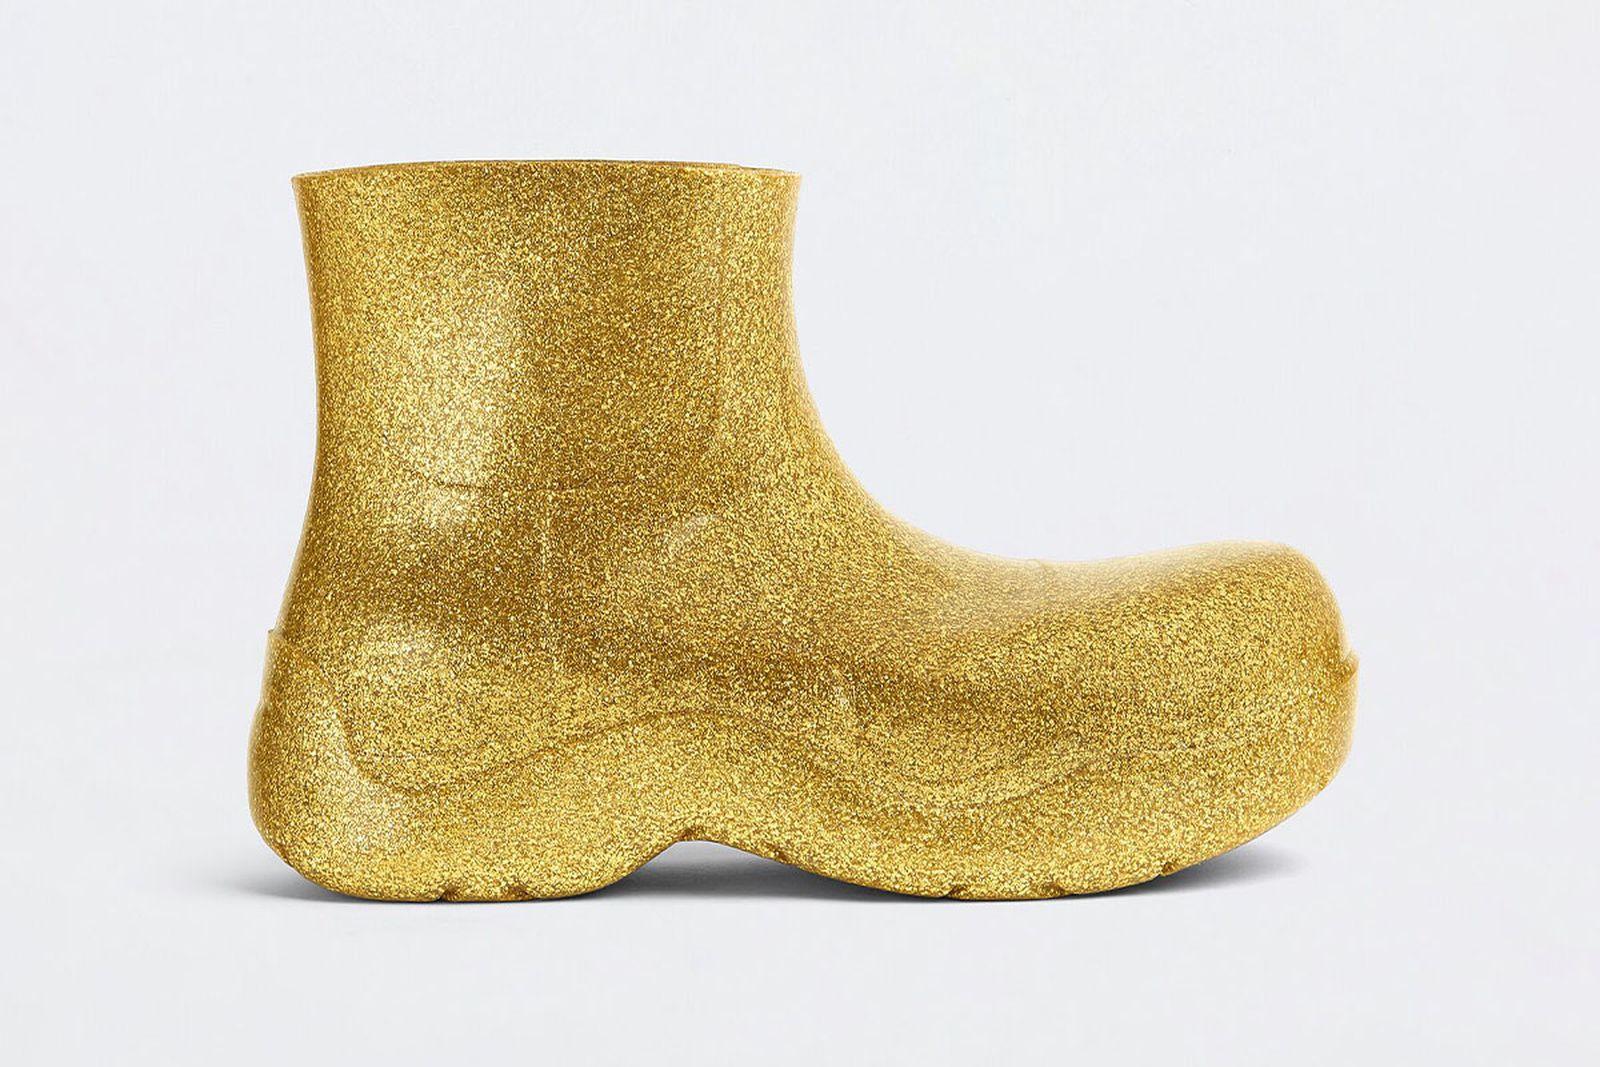 bottega-veneta-resort-2021-footwear-02